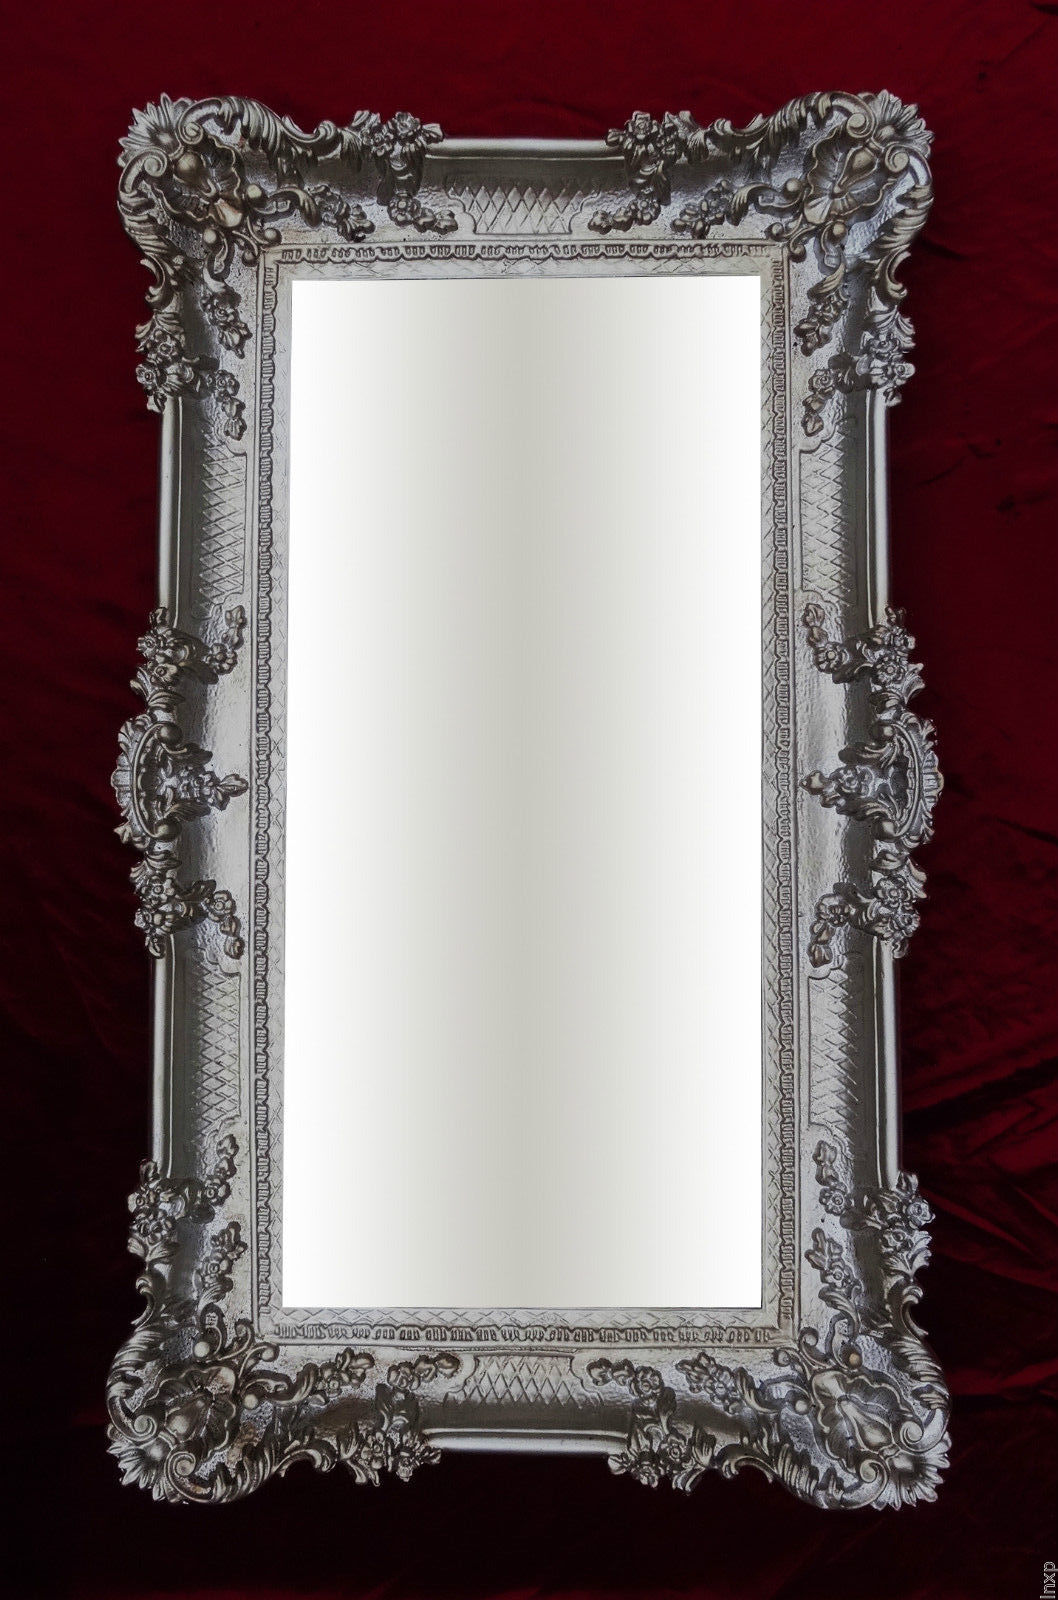 Miroir mural argent vieilli 96x57 antique baroque rococo somptueux renaissance ebay for Miroir mural baroque